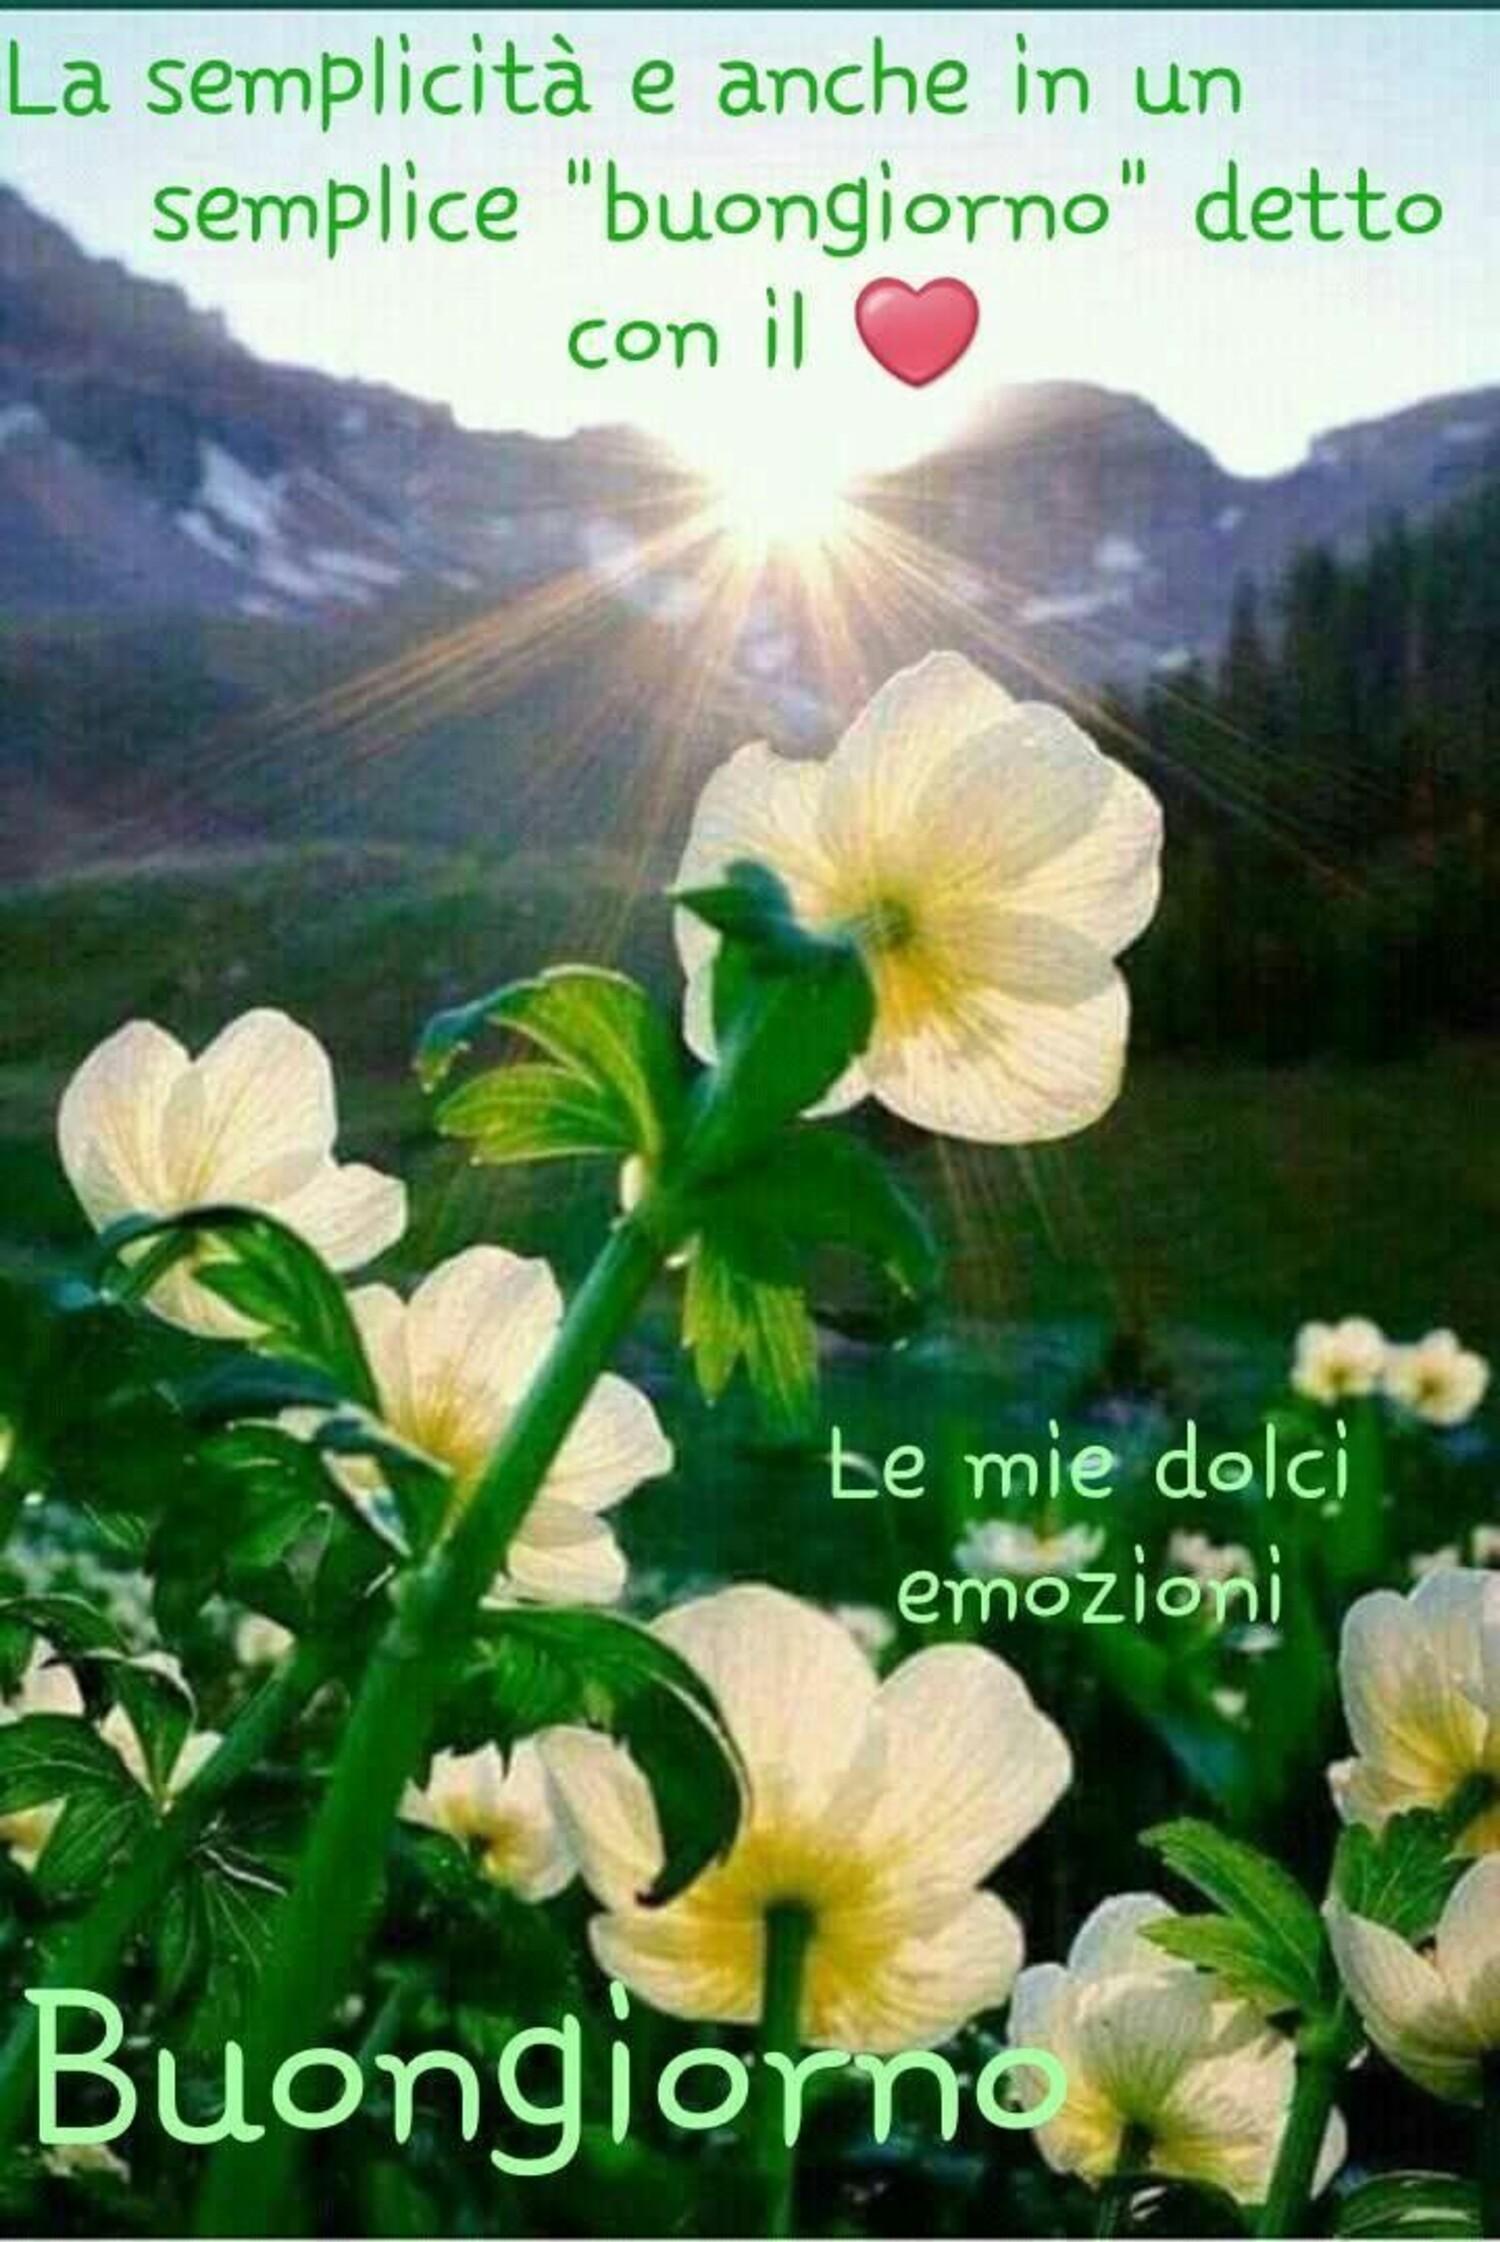 La semplicità è anche in un semplice Buongiorno detto con il cuore... Buongiorno